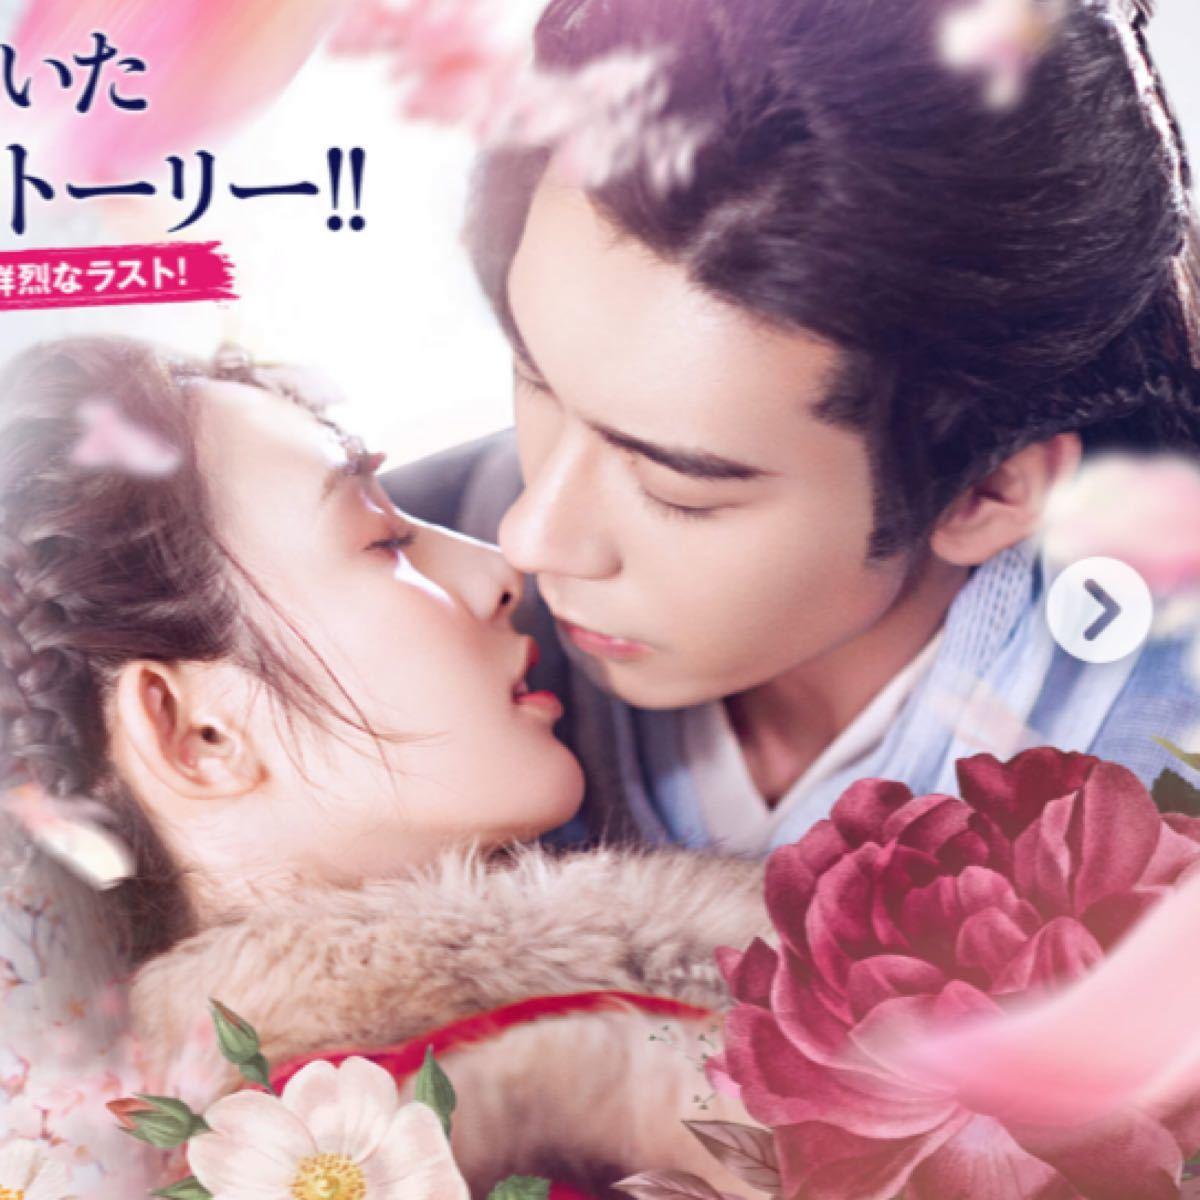 中国ドラマ 東宮-永遠の記憶に眠る愛-  BluRay全話